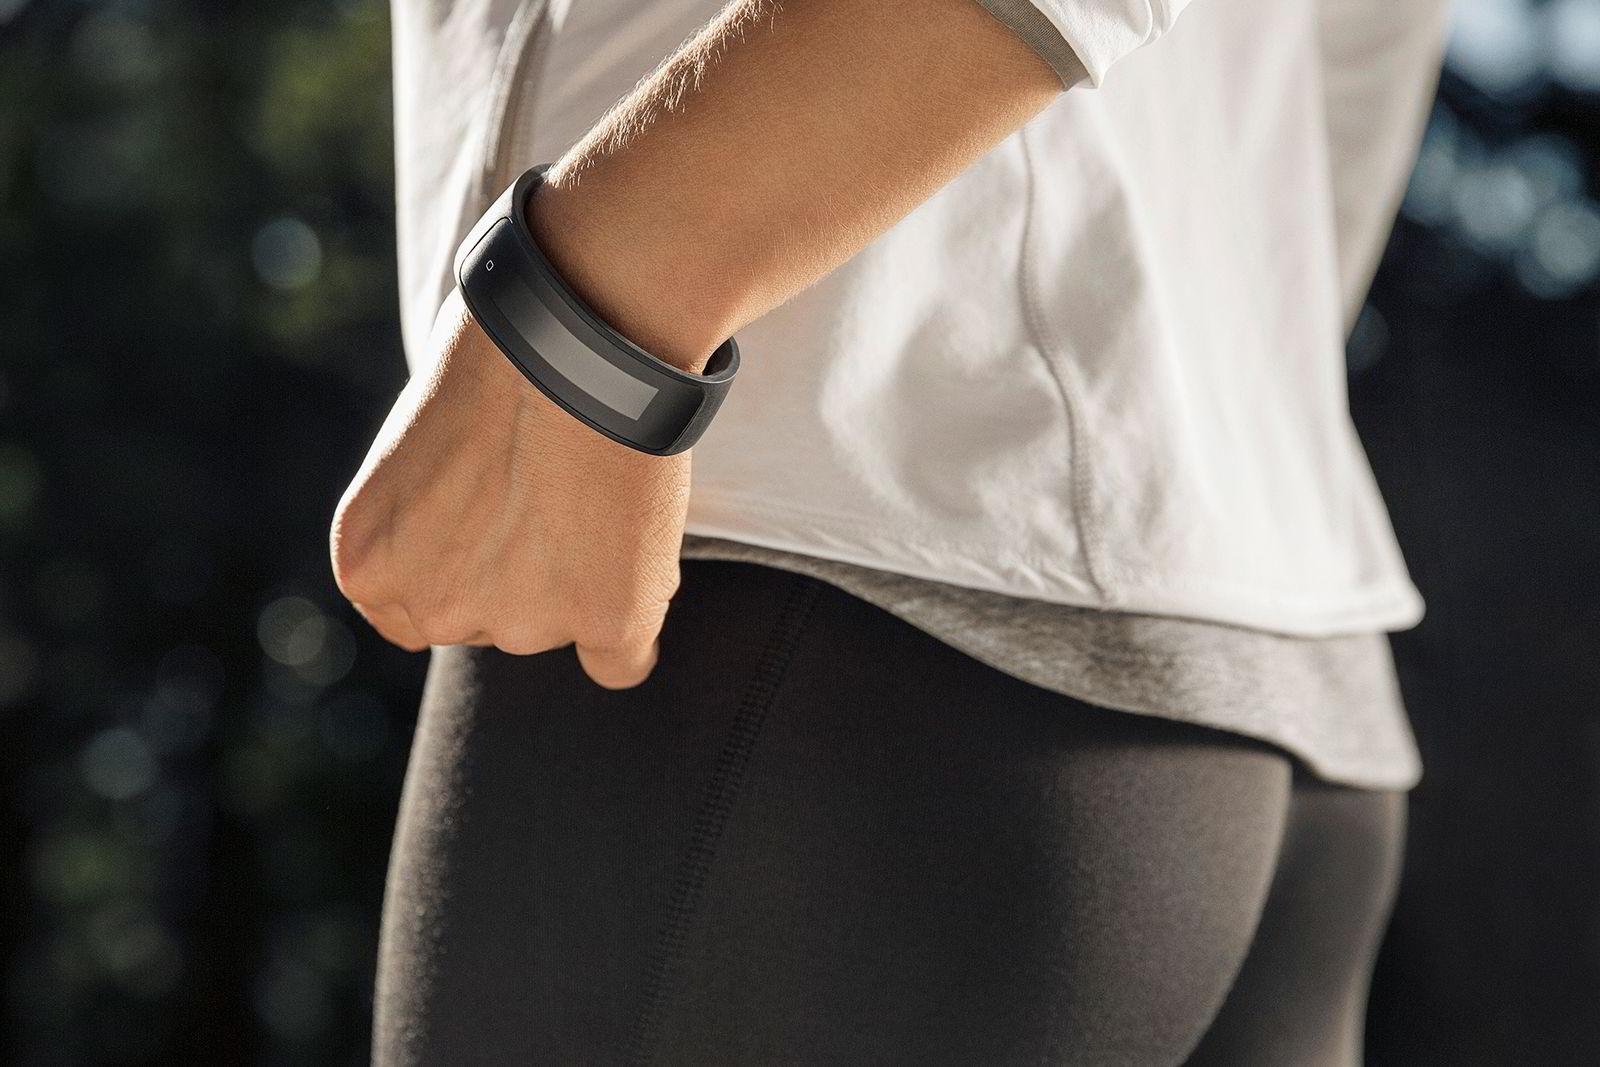 HTCs treningsarmbånd HTC Grip er laget i samarbeid med treningsgiganten Under Armour og benytter deres eksisterende plattform for trening og ernæring.